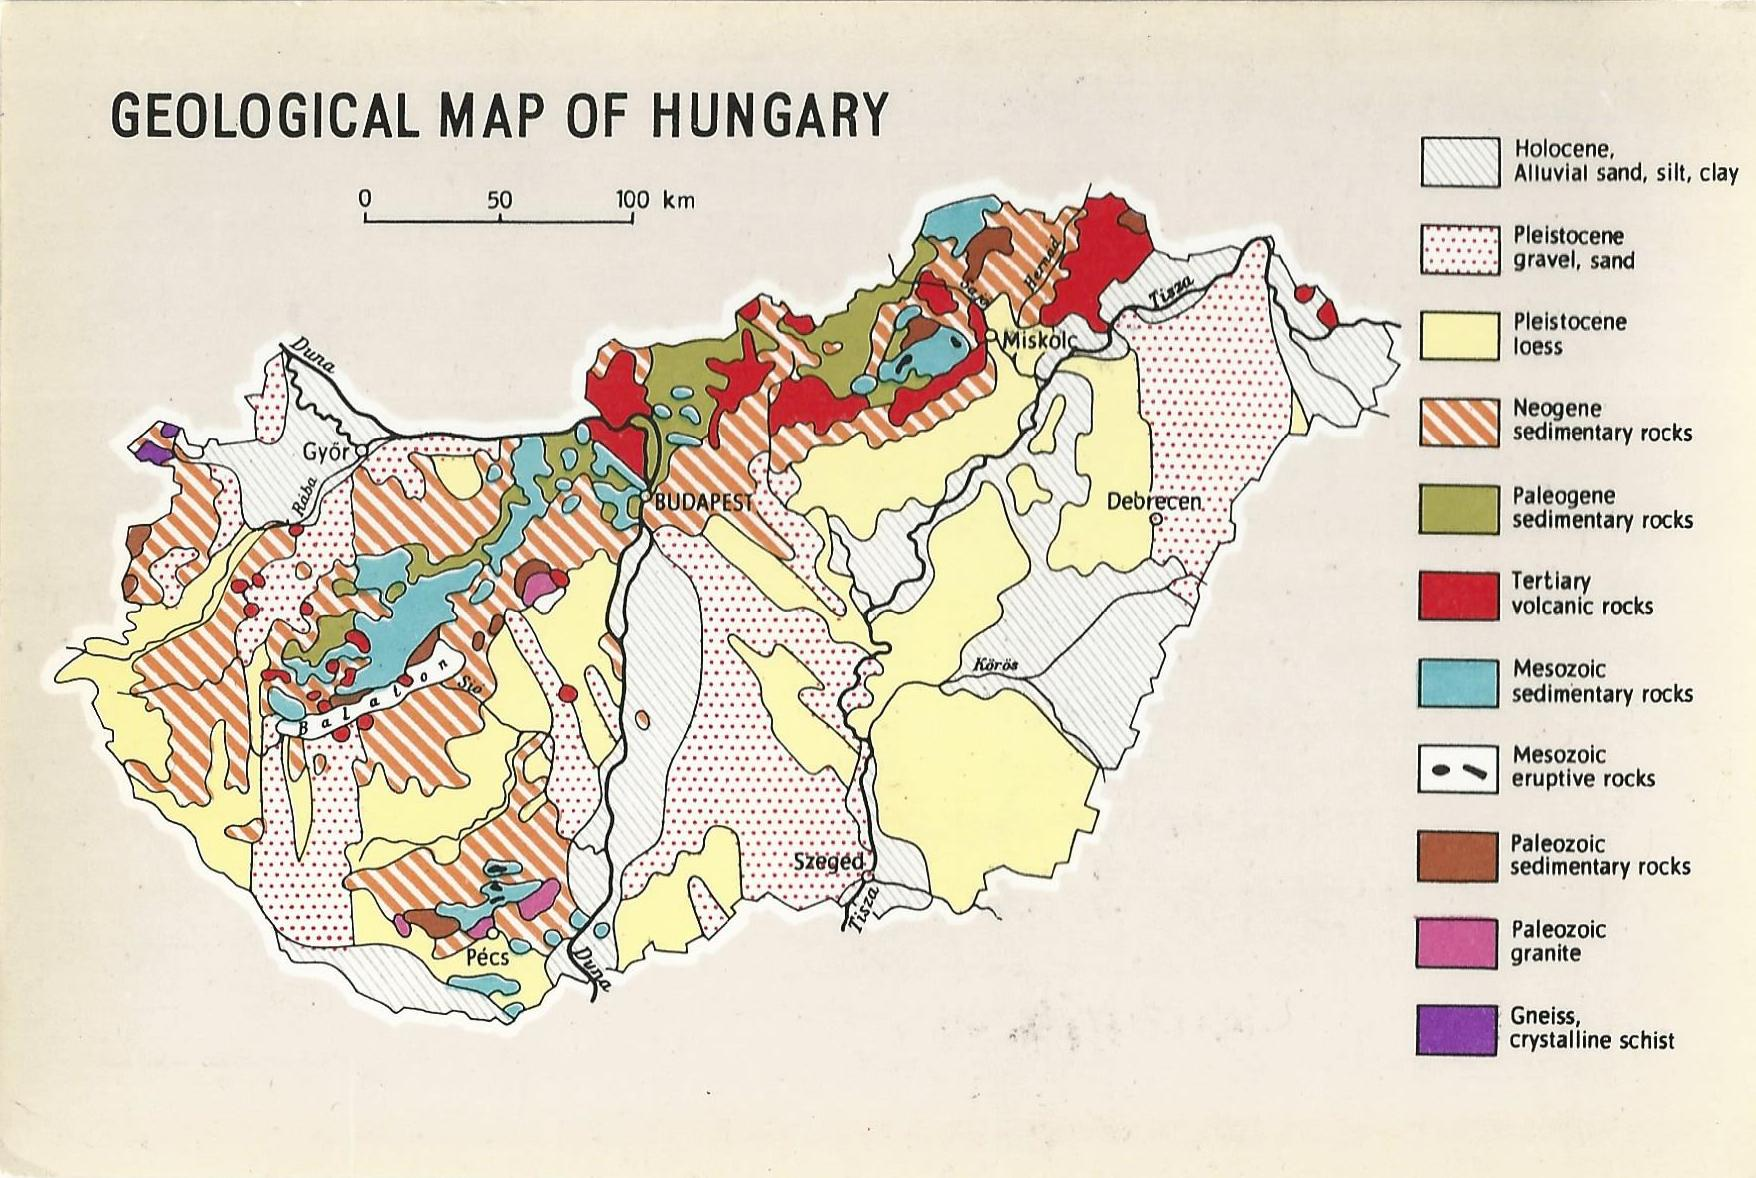 Magyar Nemzeti Digitalis Archivum Magyarorszag Foldtani Terkepe